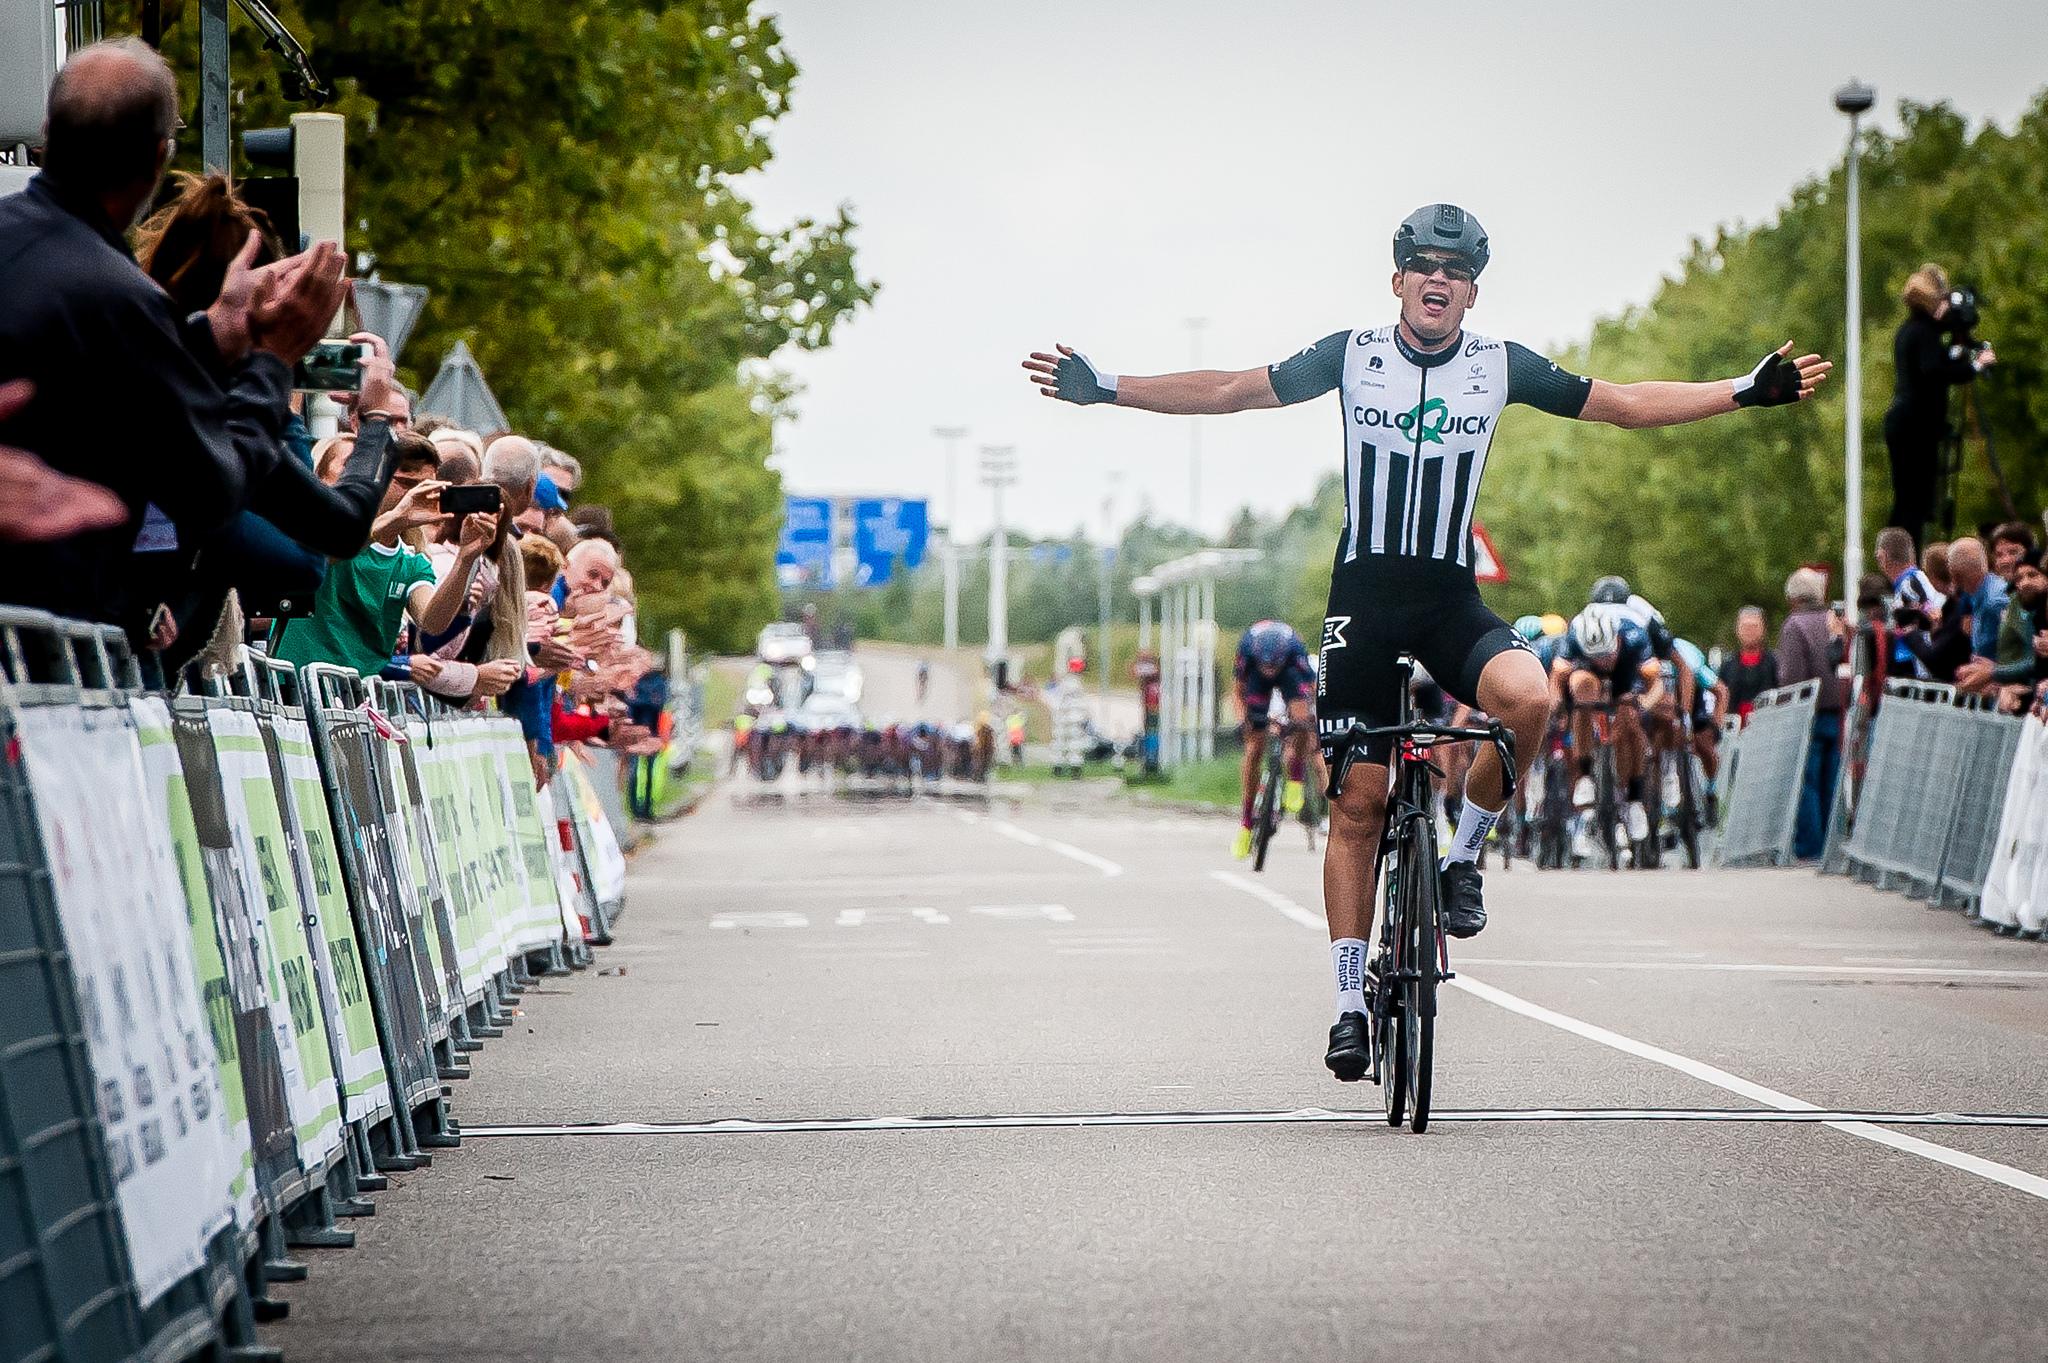 VIDEO | Ronde van Midden Nederland op Eurosport 1